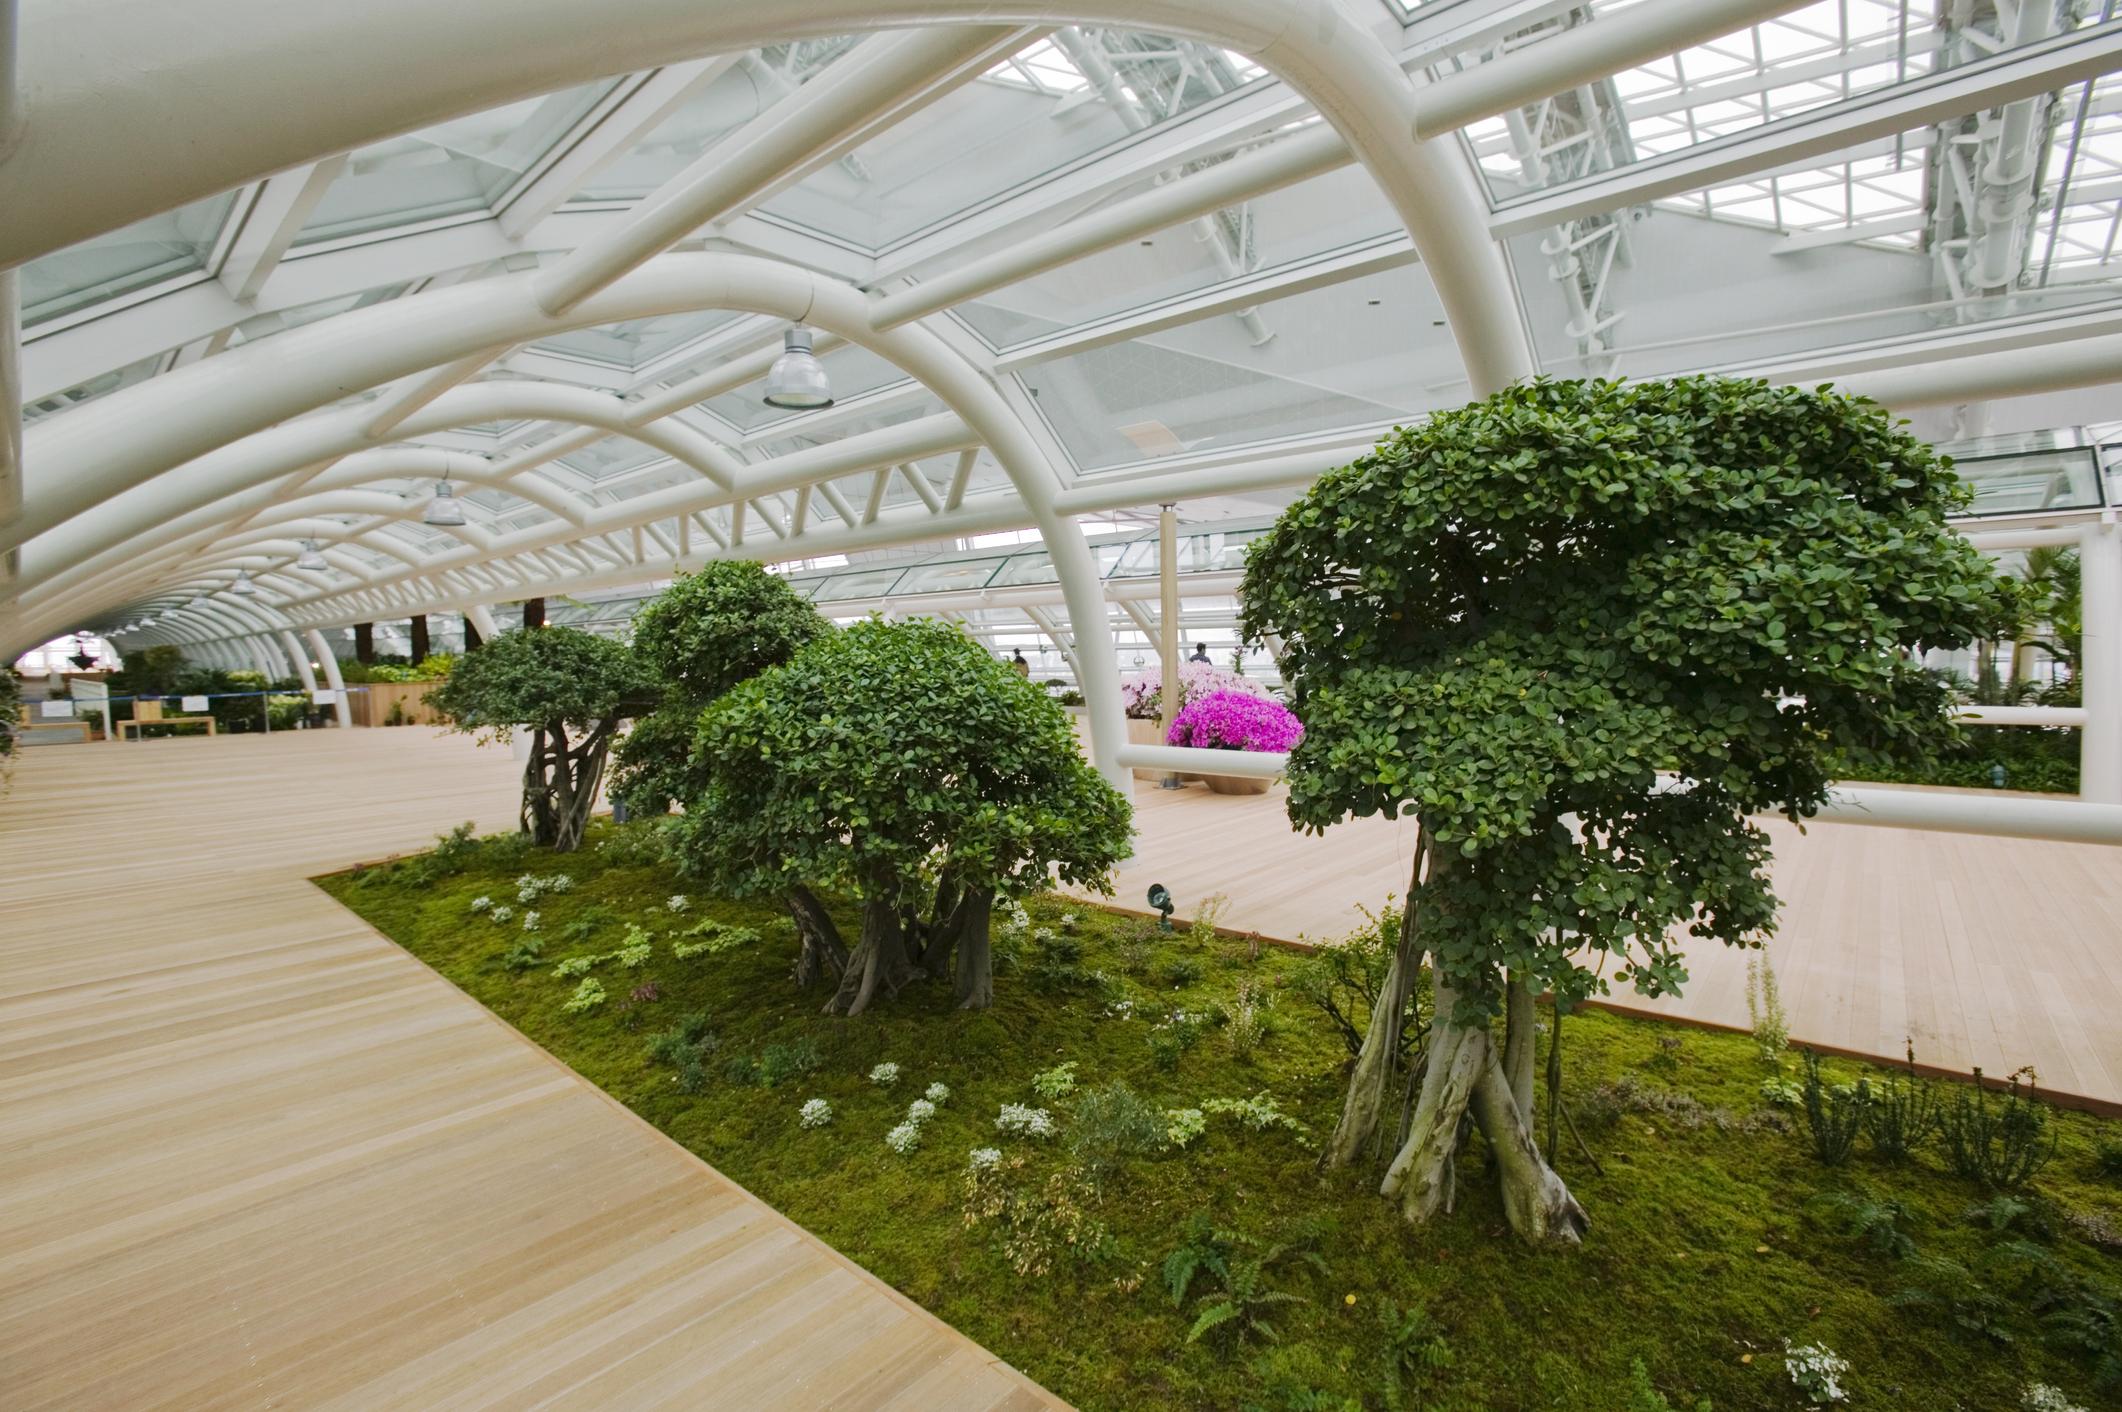 Indoor Garden at the Incheon International Airport.